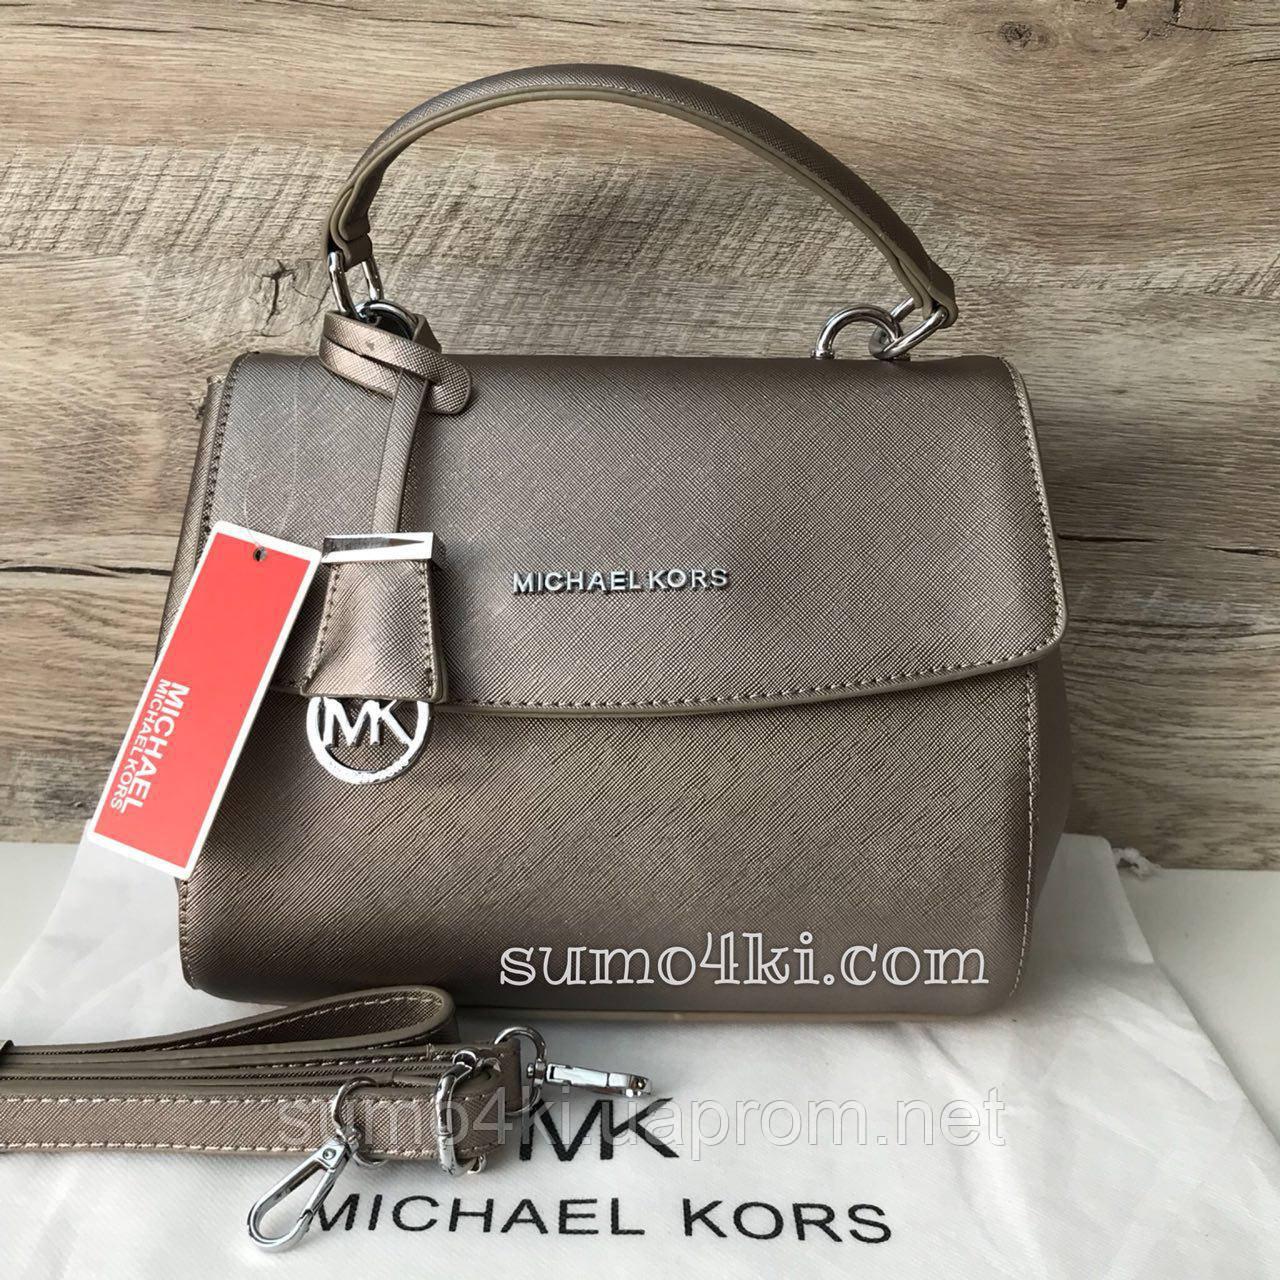 Женская сумка Michael Kors Ava - Интернет-магазин «Галерея Сумок» в Одессе 4518fc38334